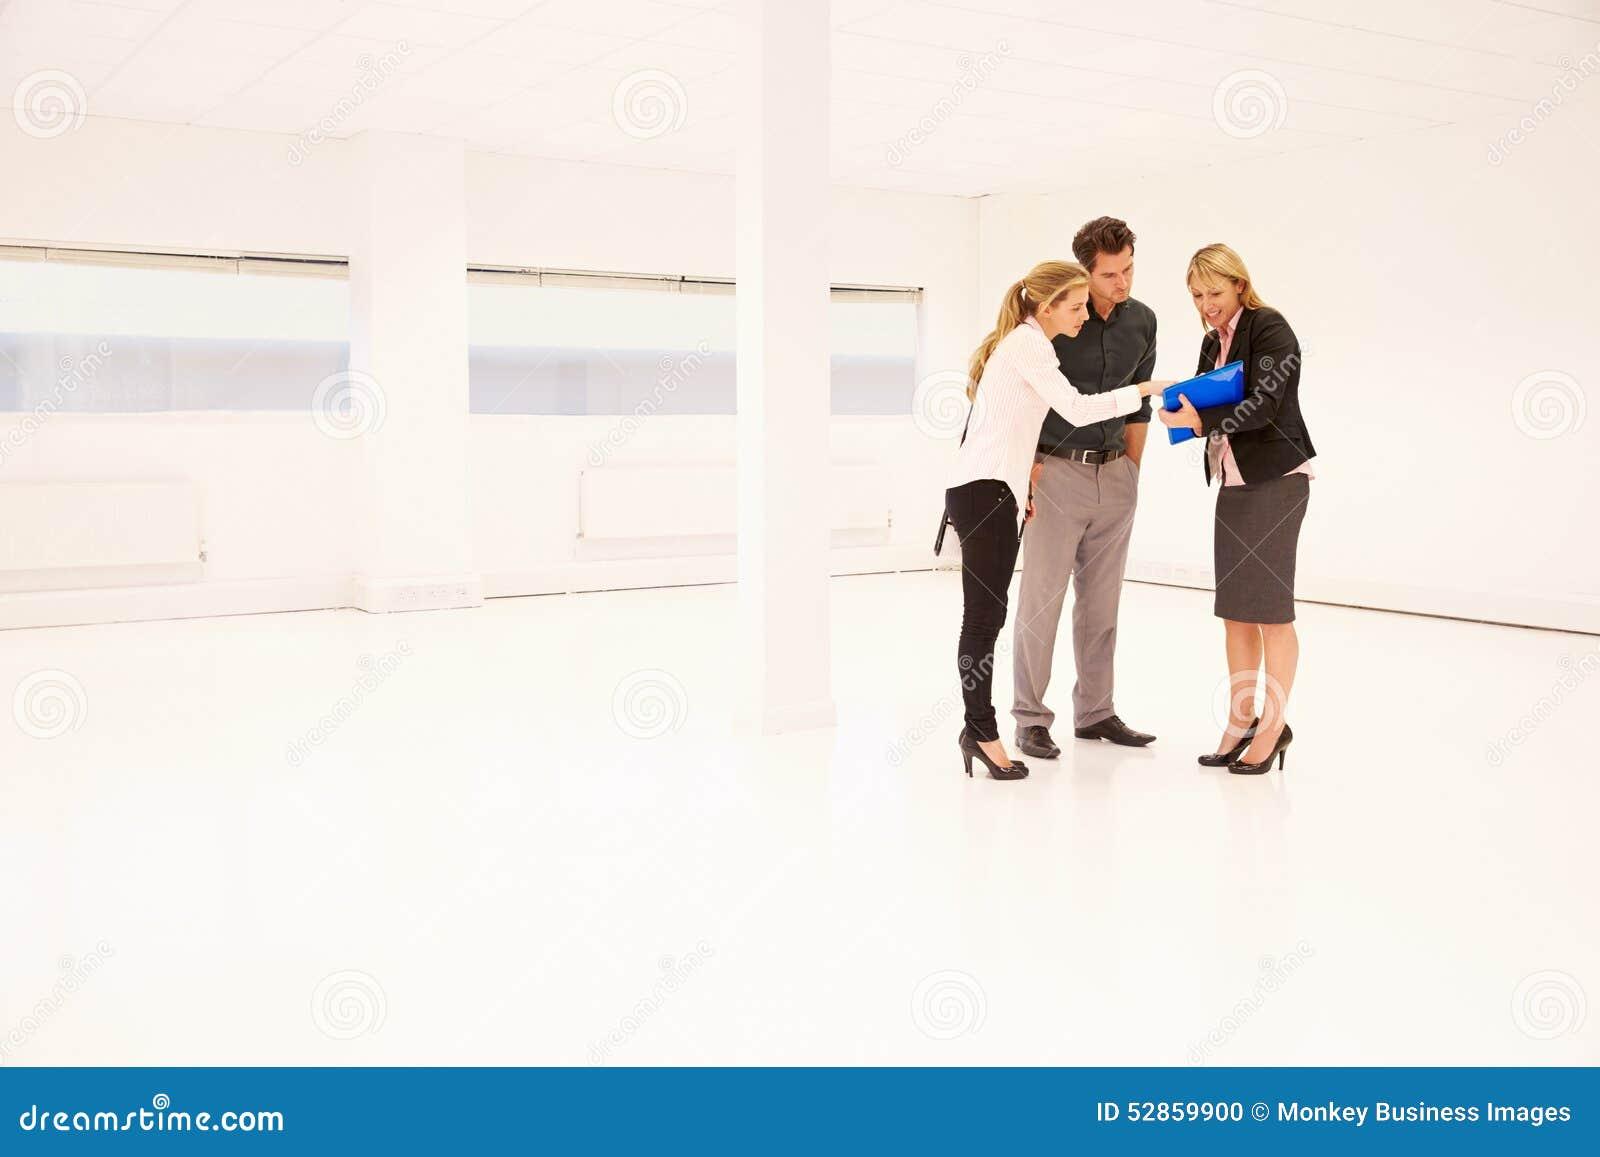 De Ruimte van Showing Empty Office van de landgoedagent aan Potentiële Cliënten